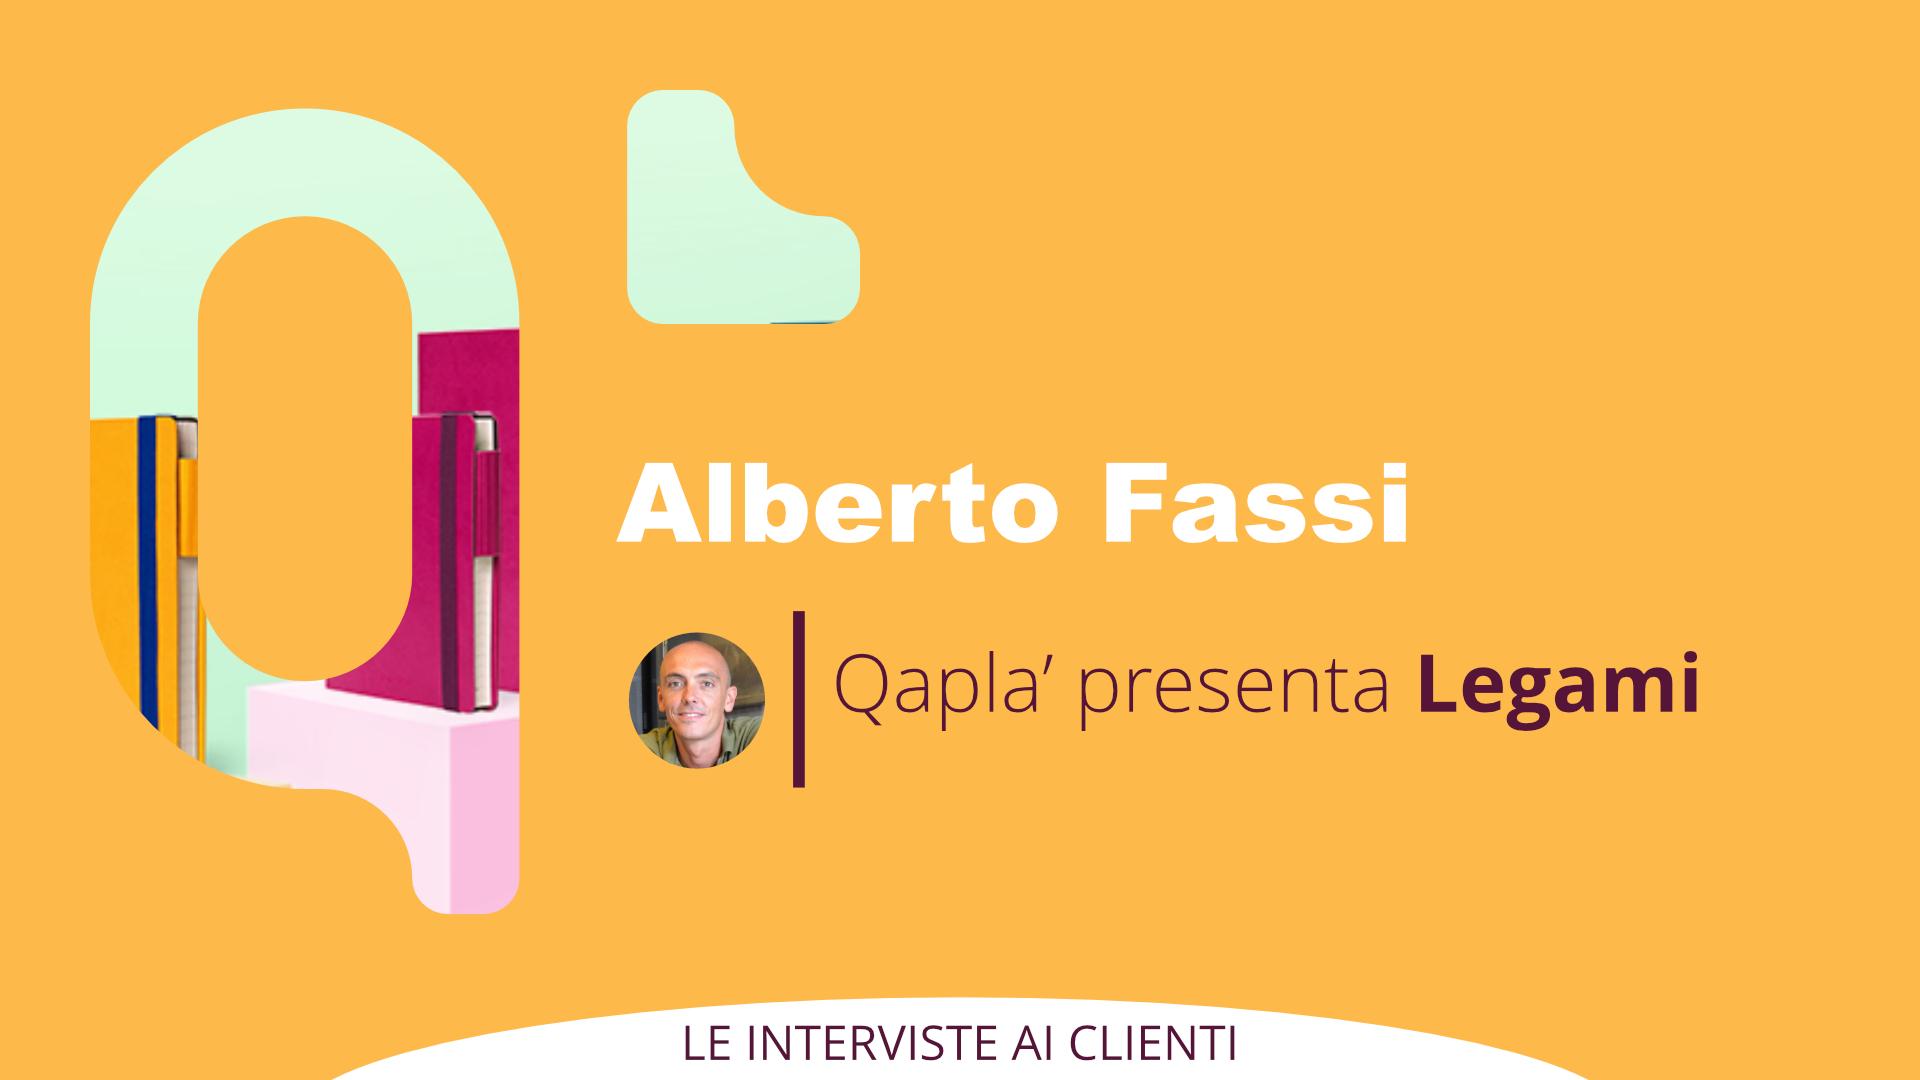 Qapla' presenta Legami – Intervista a Alberto Fassi